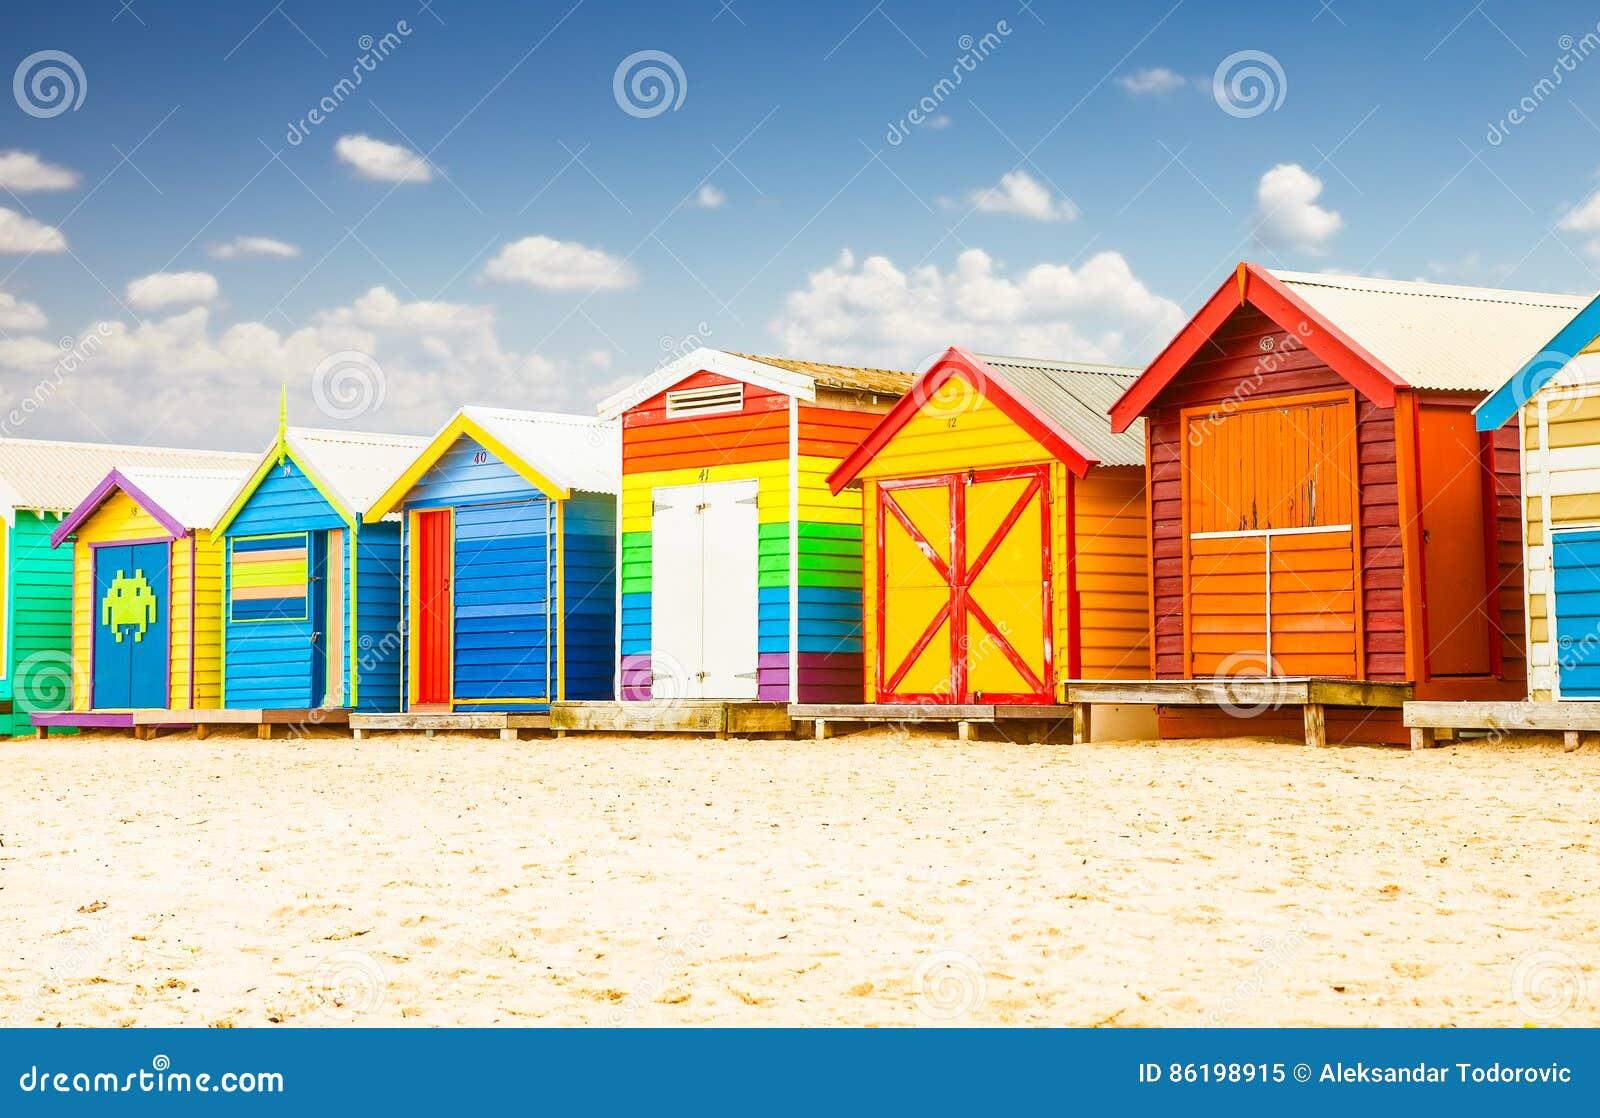 Λούσιμο των σπιτιών στην παραλία του Μπράιτον στη Μελβούρνη, Αυστραλία